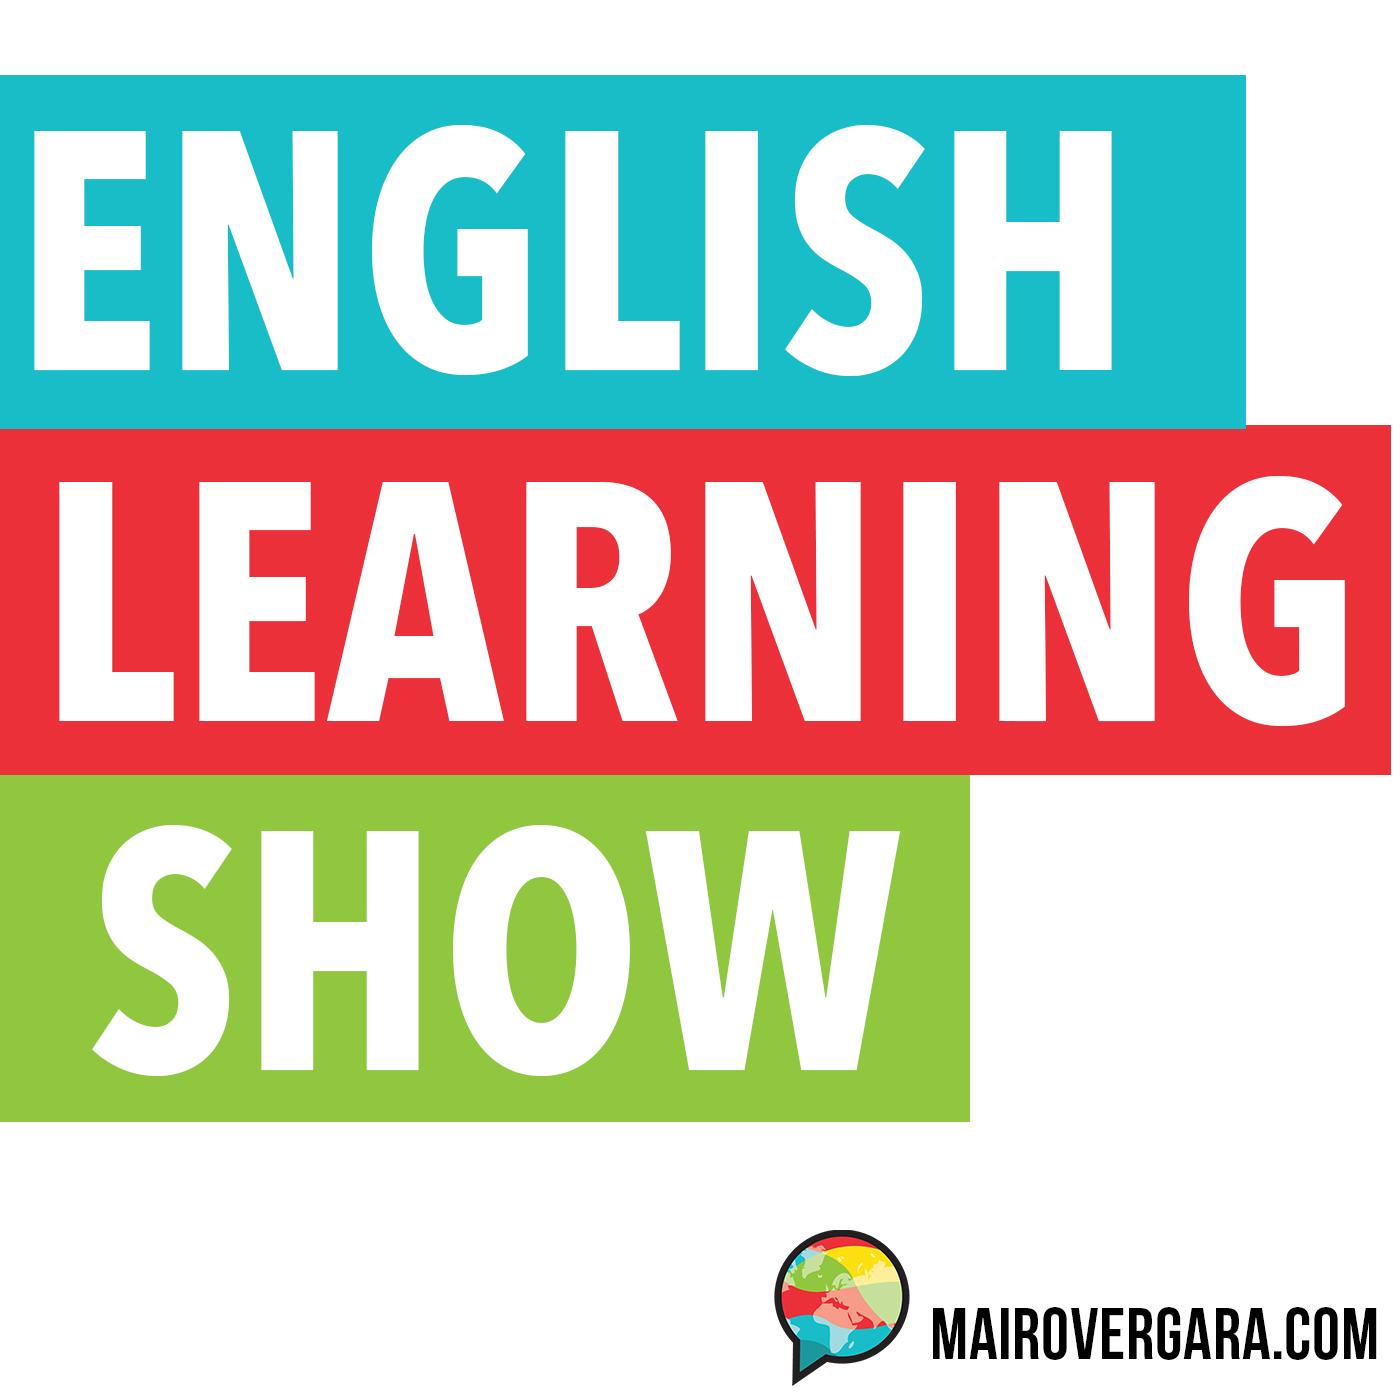 English Learning Show | Perguntas e respostas sobre como aprender inglês de forma simples, direta e eficiente.